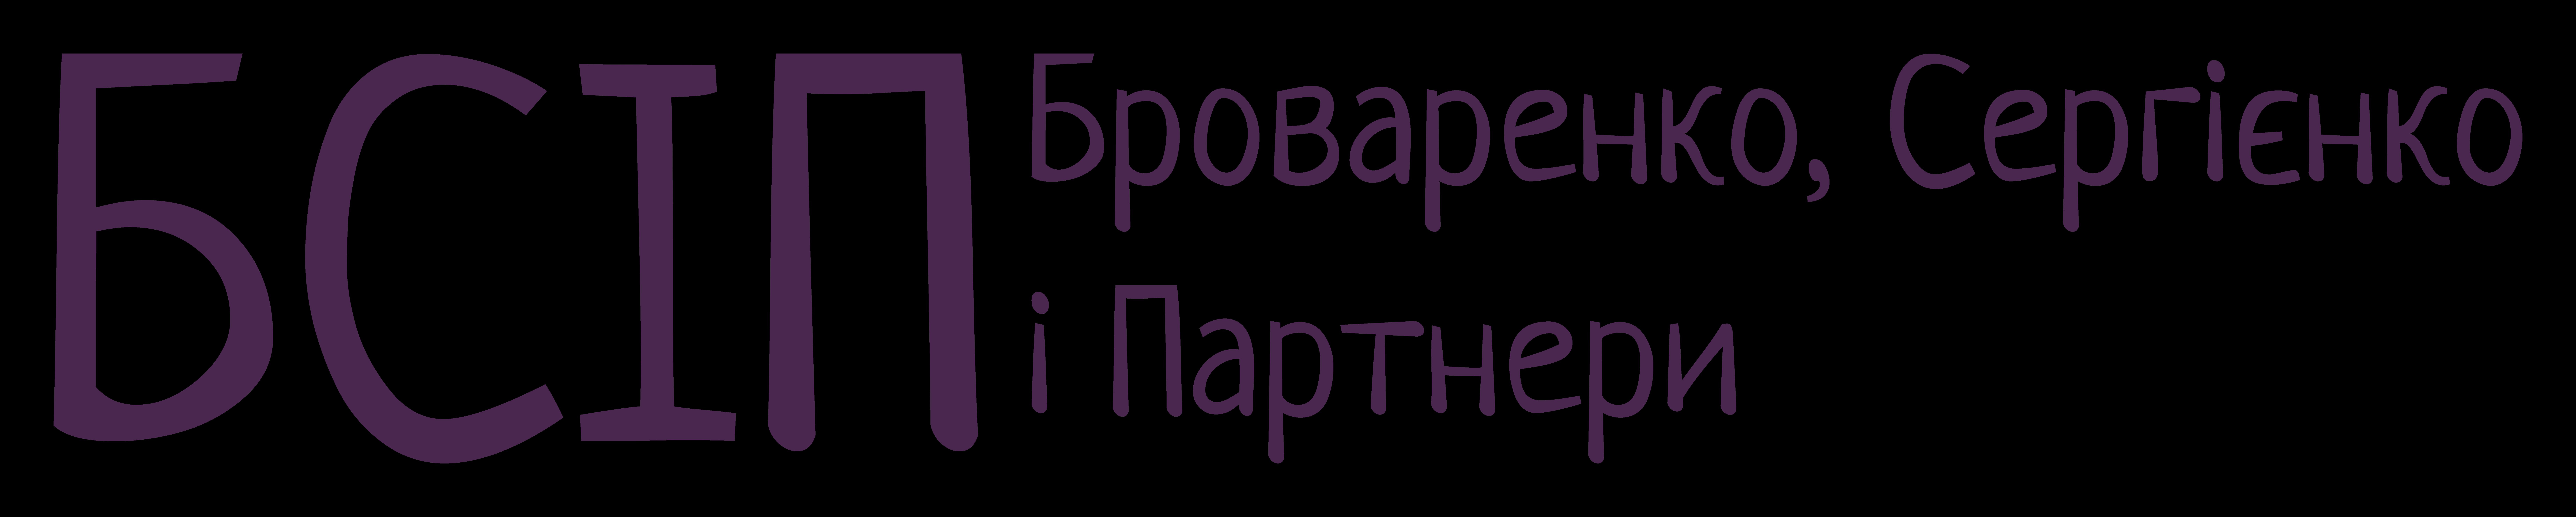 Броваренко, Сергієнко  і Партнери